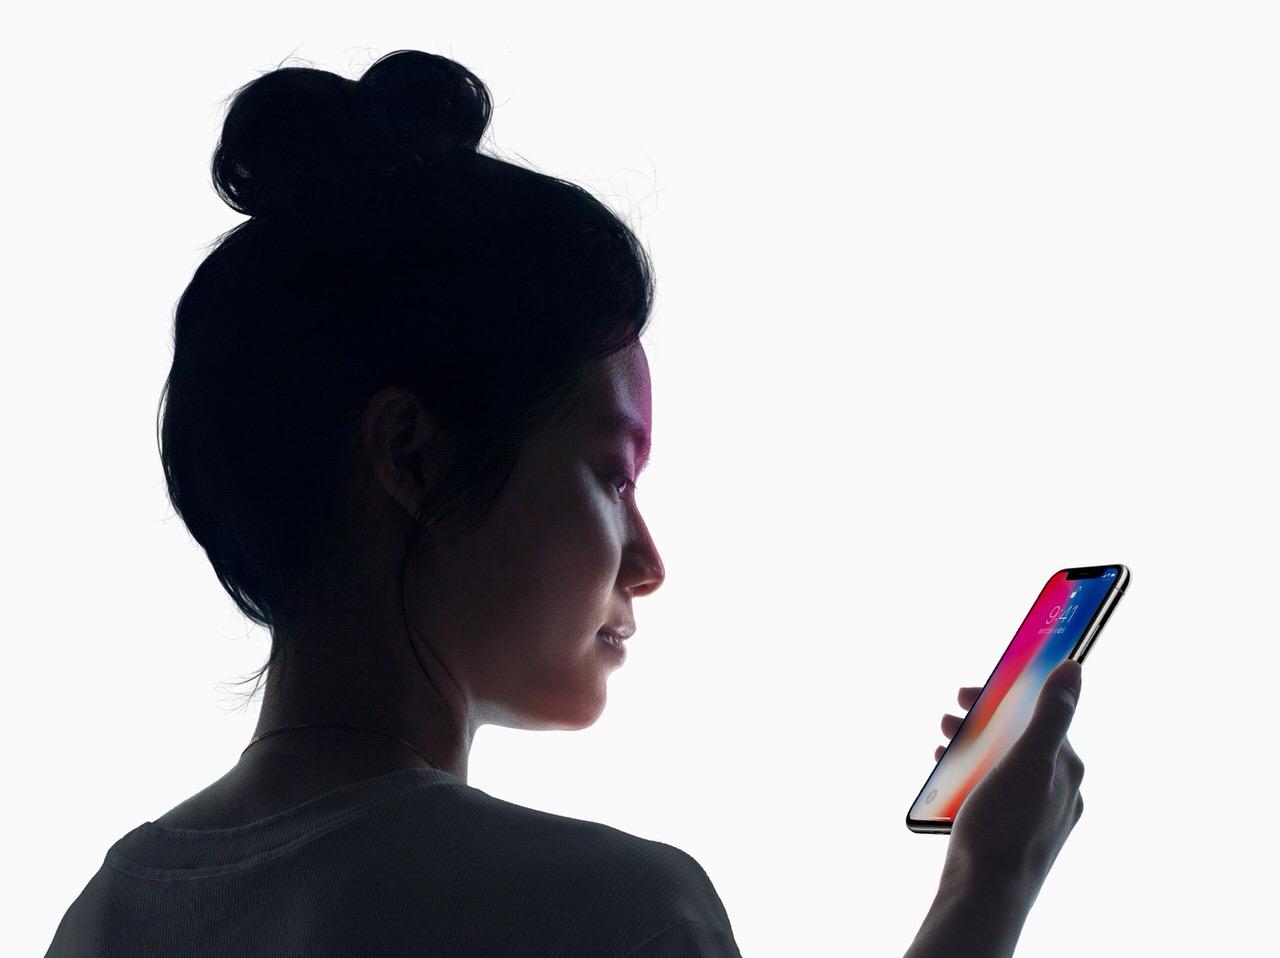 【iPhone X】寝顔でもFace IDが認証してしまう設定「Face IDを使用するには注視が必要」